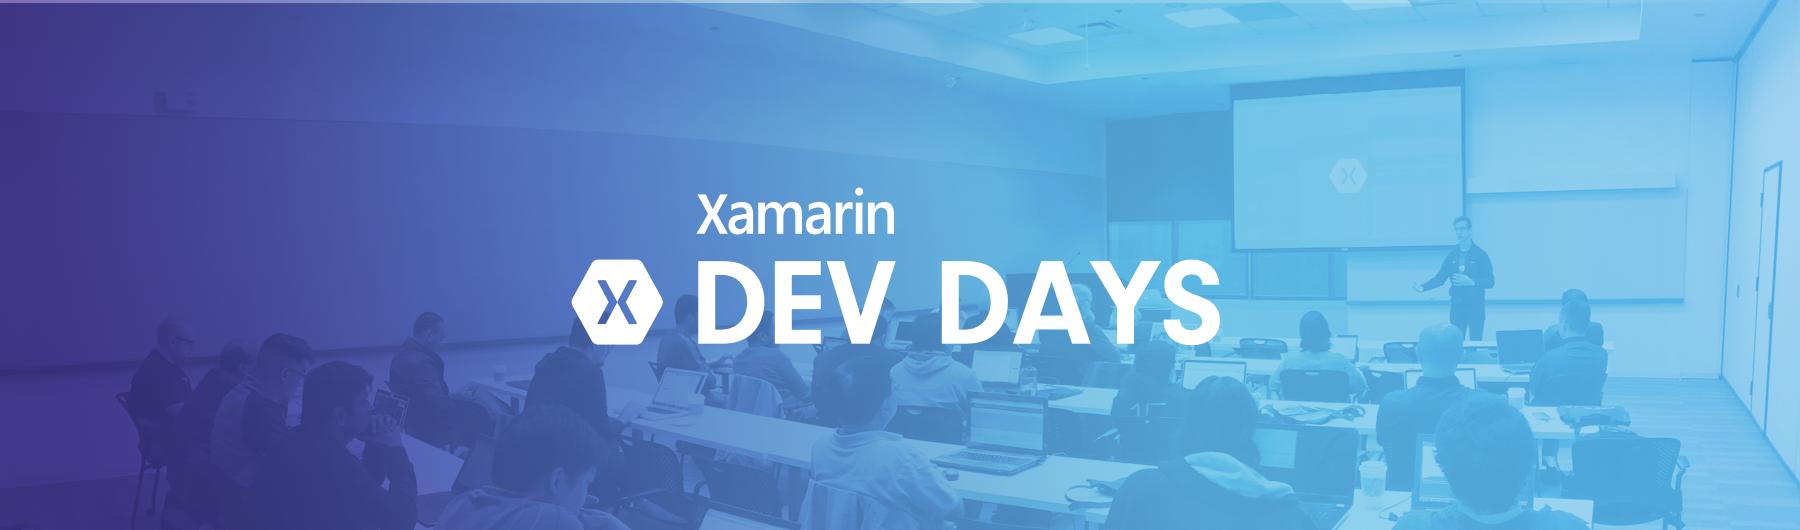 Xamarin Dev Days - Morrisville